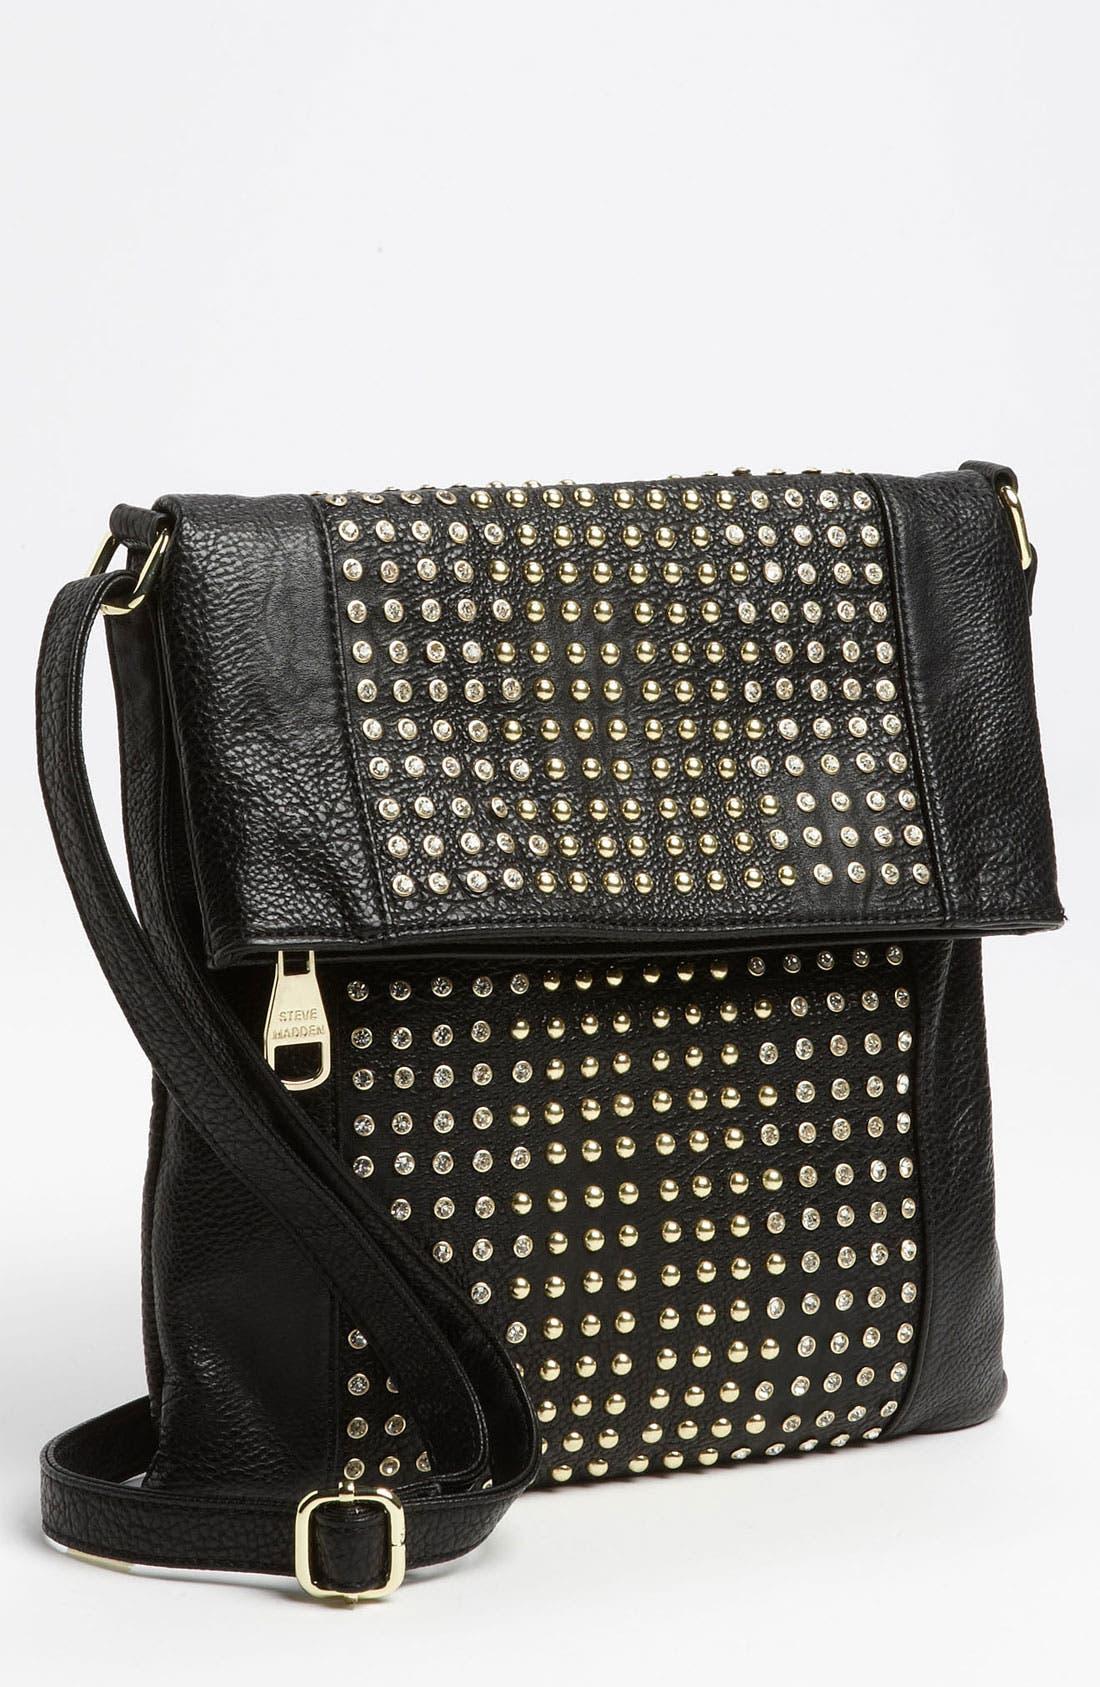 Alternate Image 1 Selected - Steve Madden 'Stud Love' Foldover Crossbody Bag